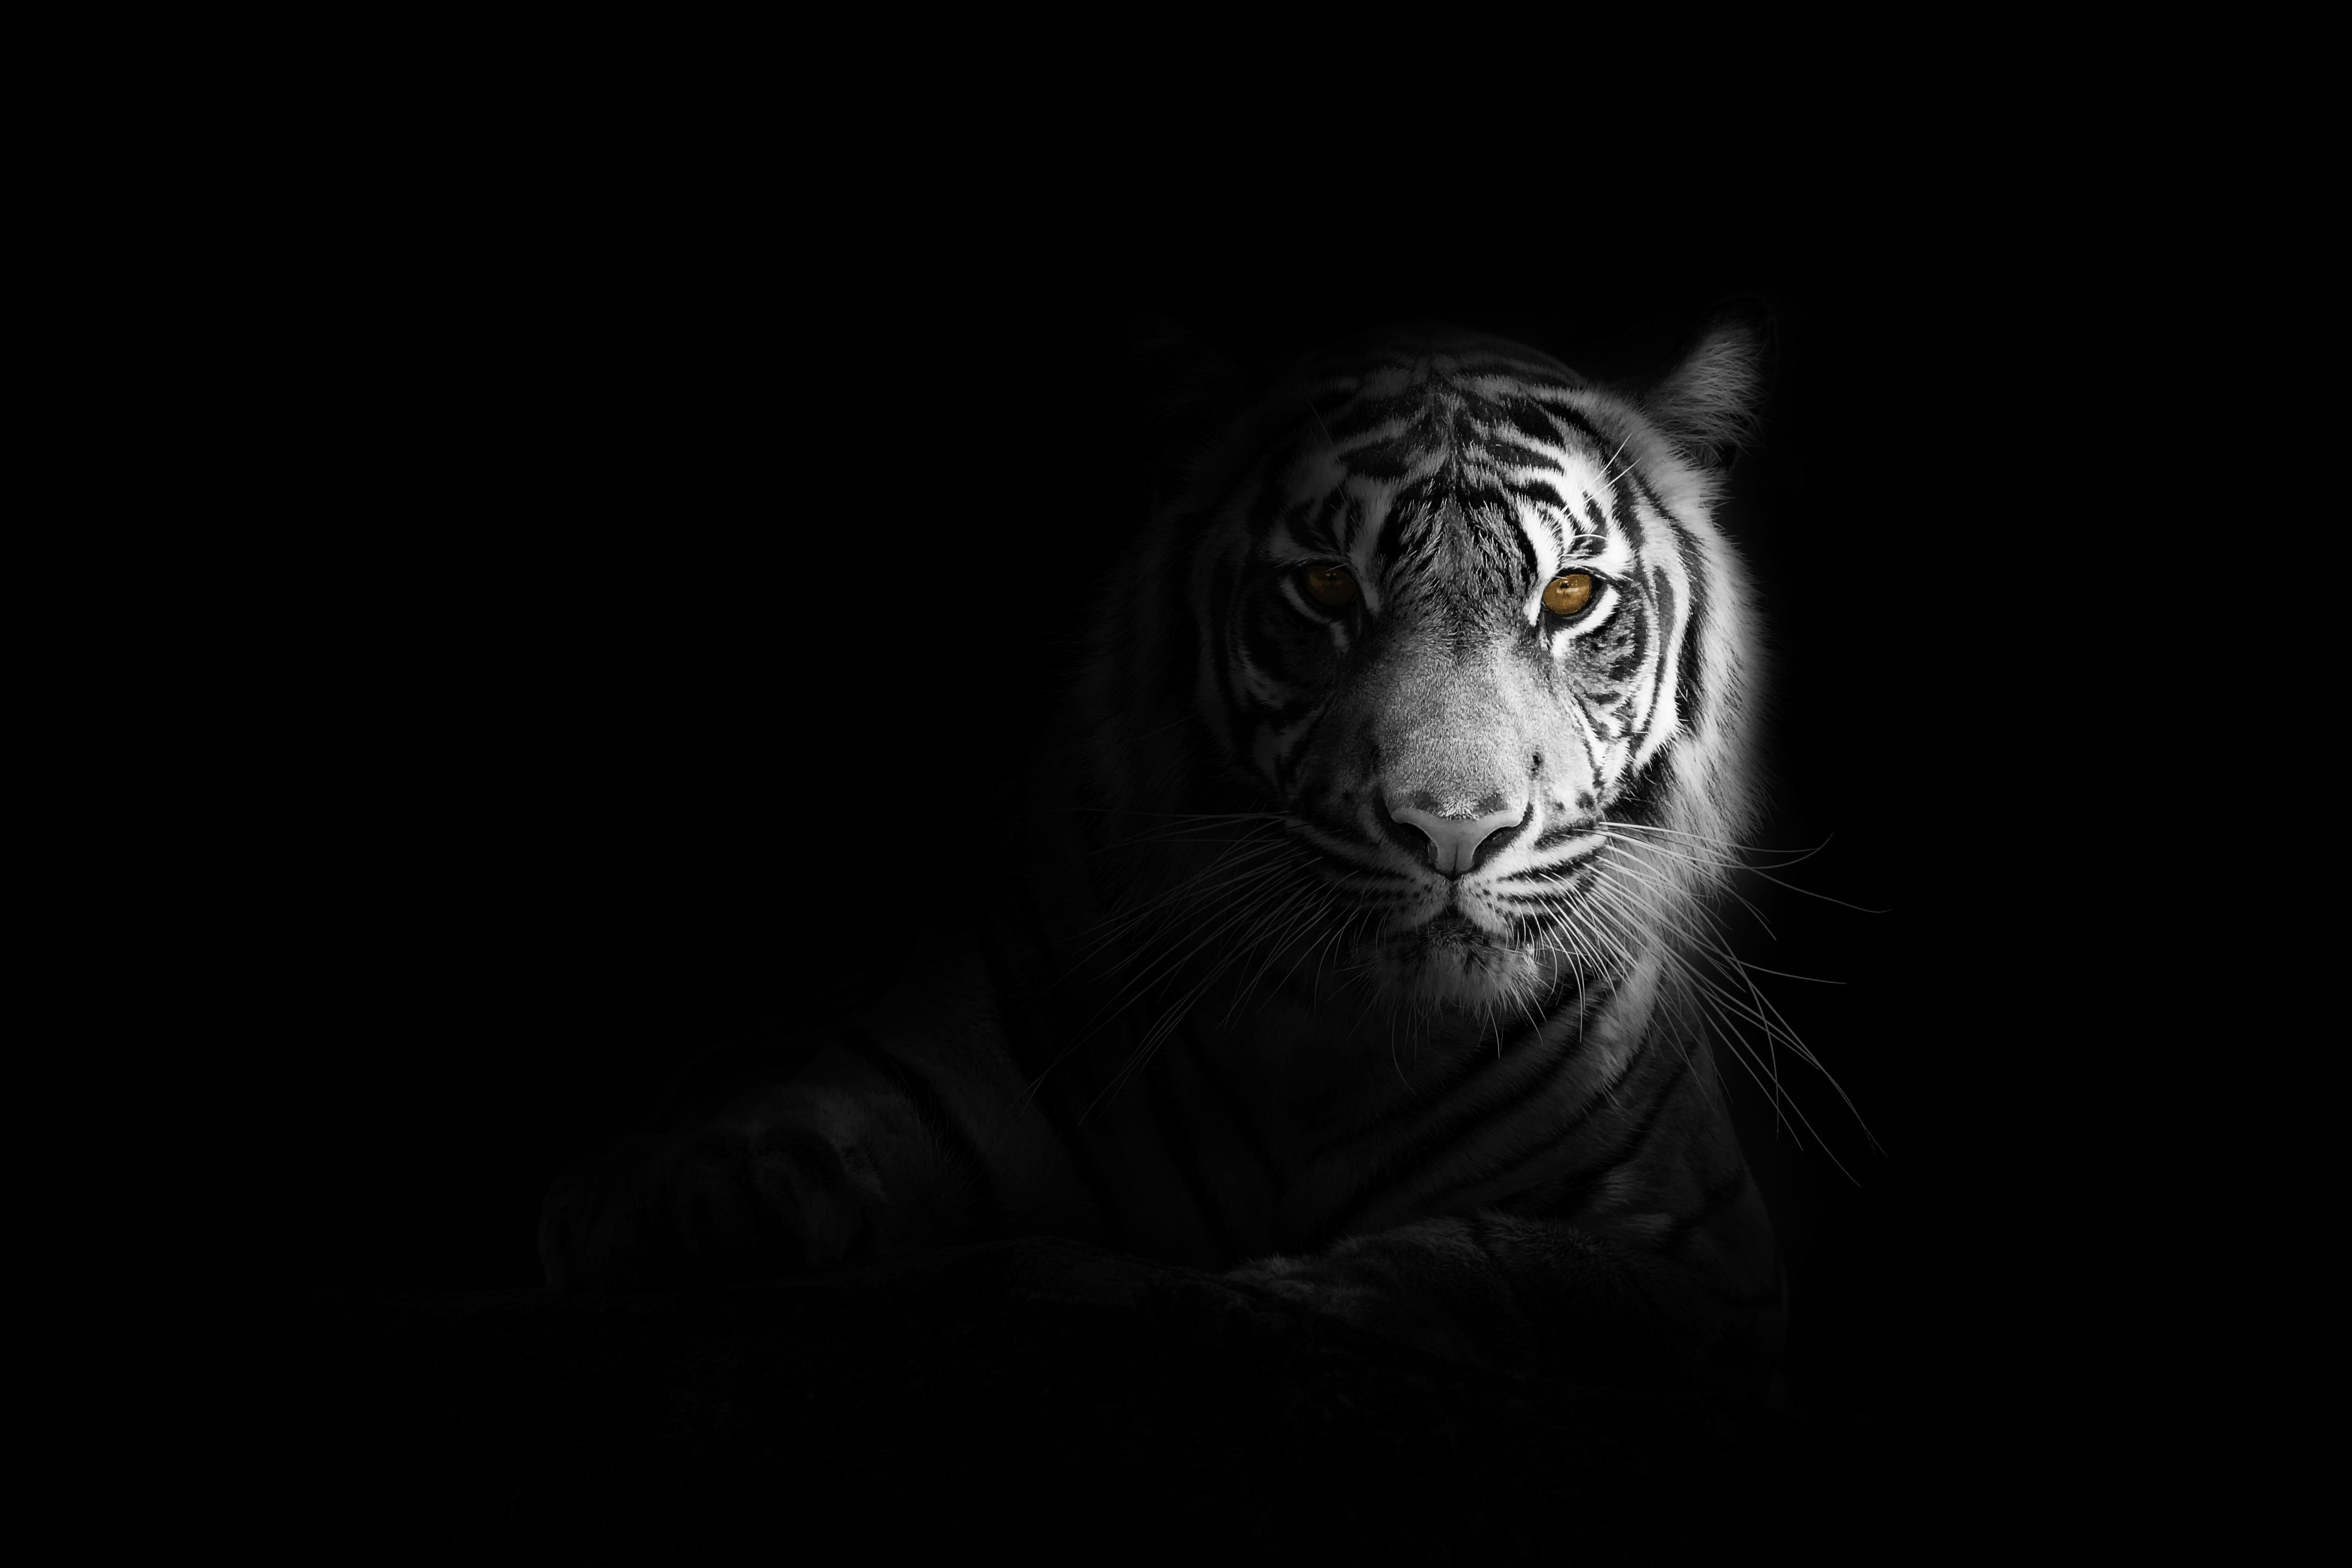 big cat tiger 1574938060 - Big Cat Tiger -